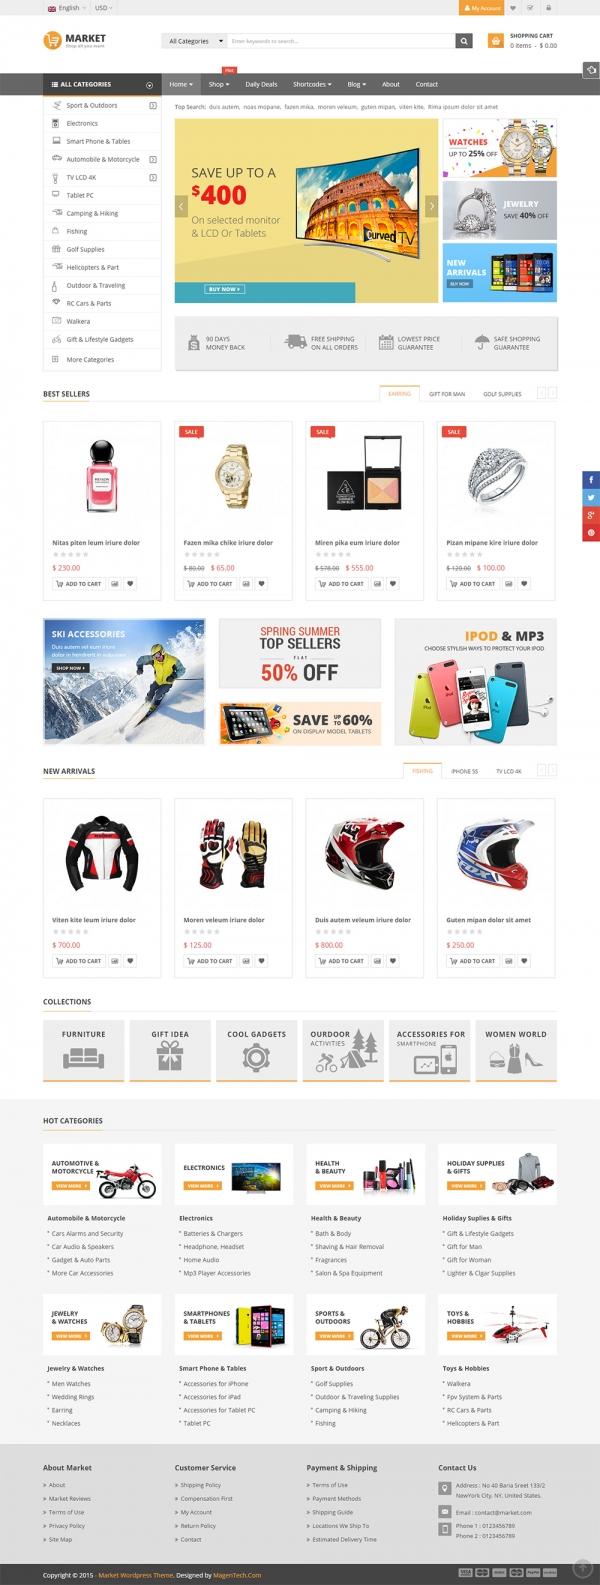 Mẫu web thương mại điện tử chuyên nghiệp Market